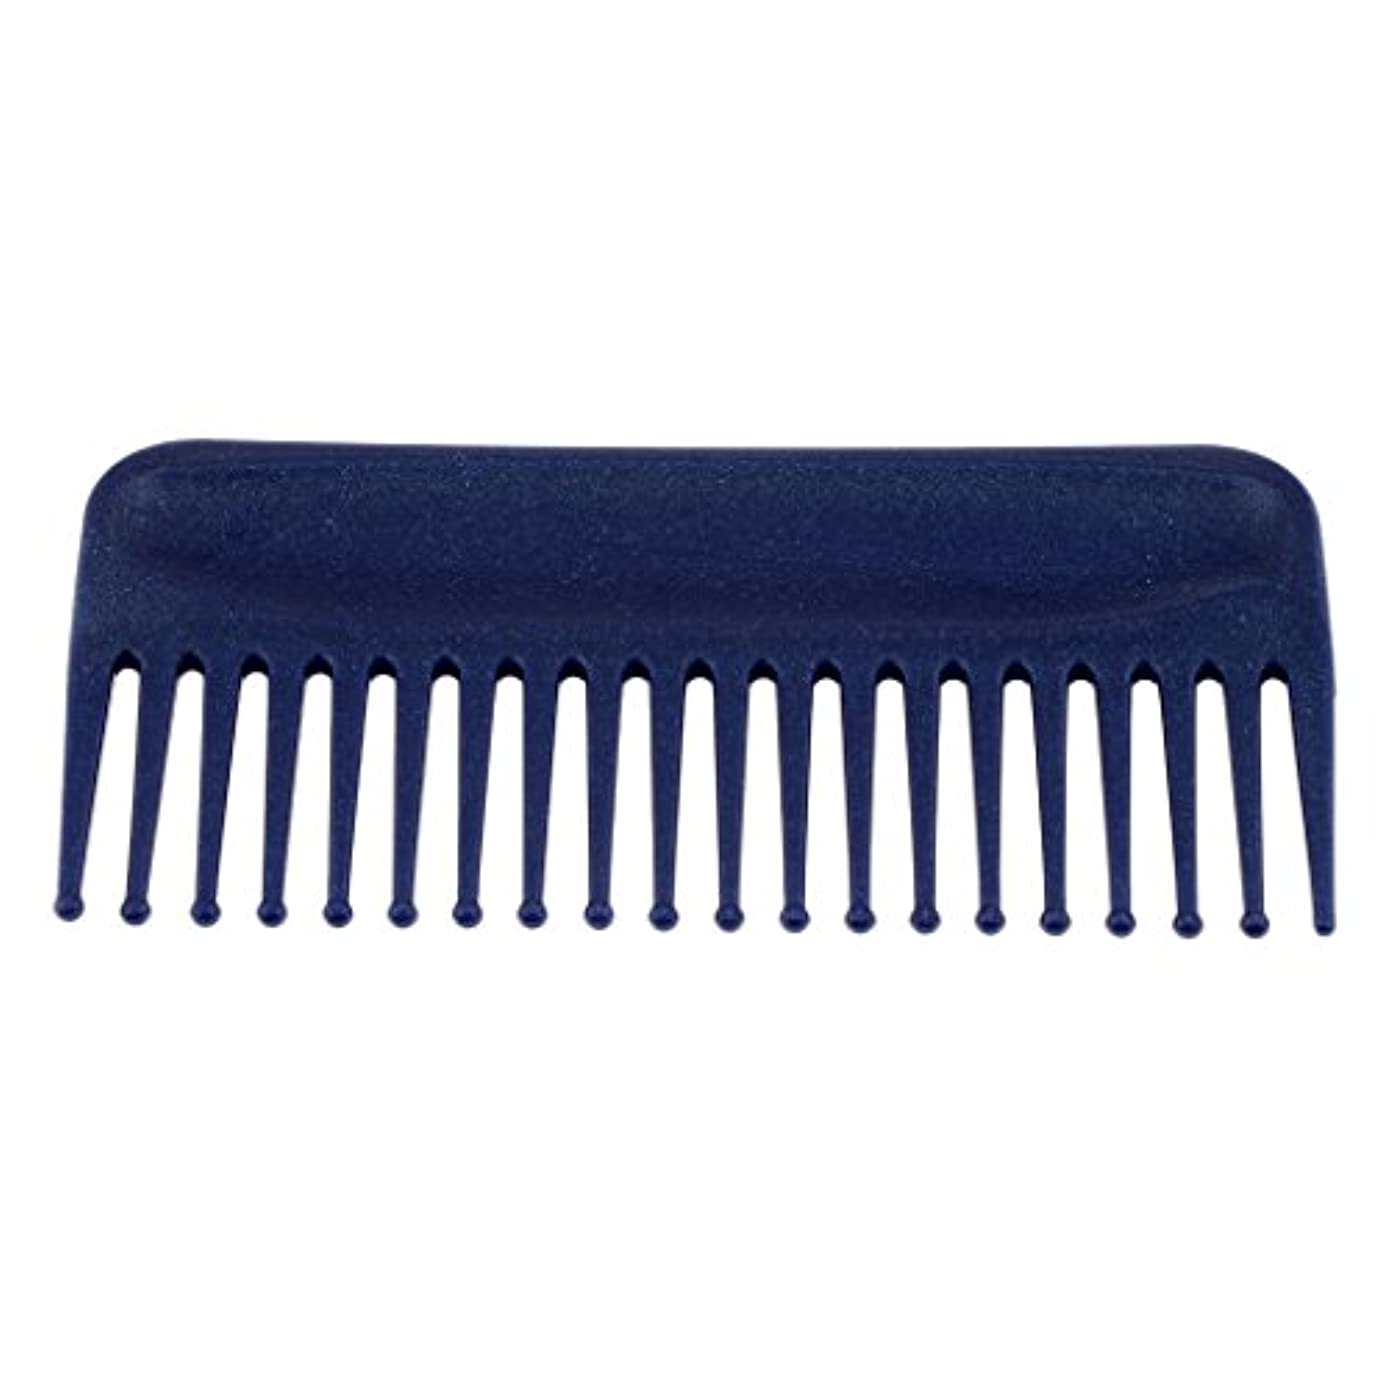 誰も迅速悲しむヘアコーム サロン ヘアケア 脱毛ヘアコーム ヘアブラシ 耐熱性 帯電防止 頭皮 マッサージ 丸いヘッド 4色選べる - 青